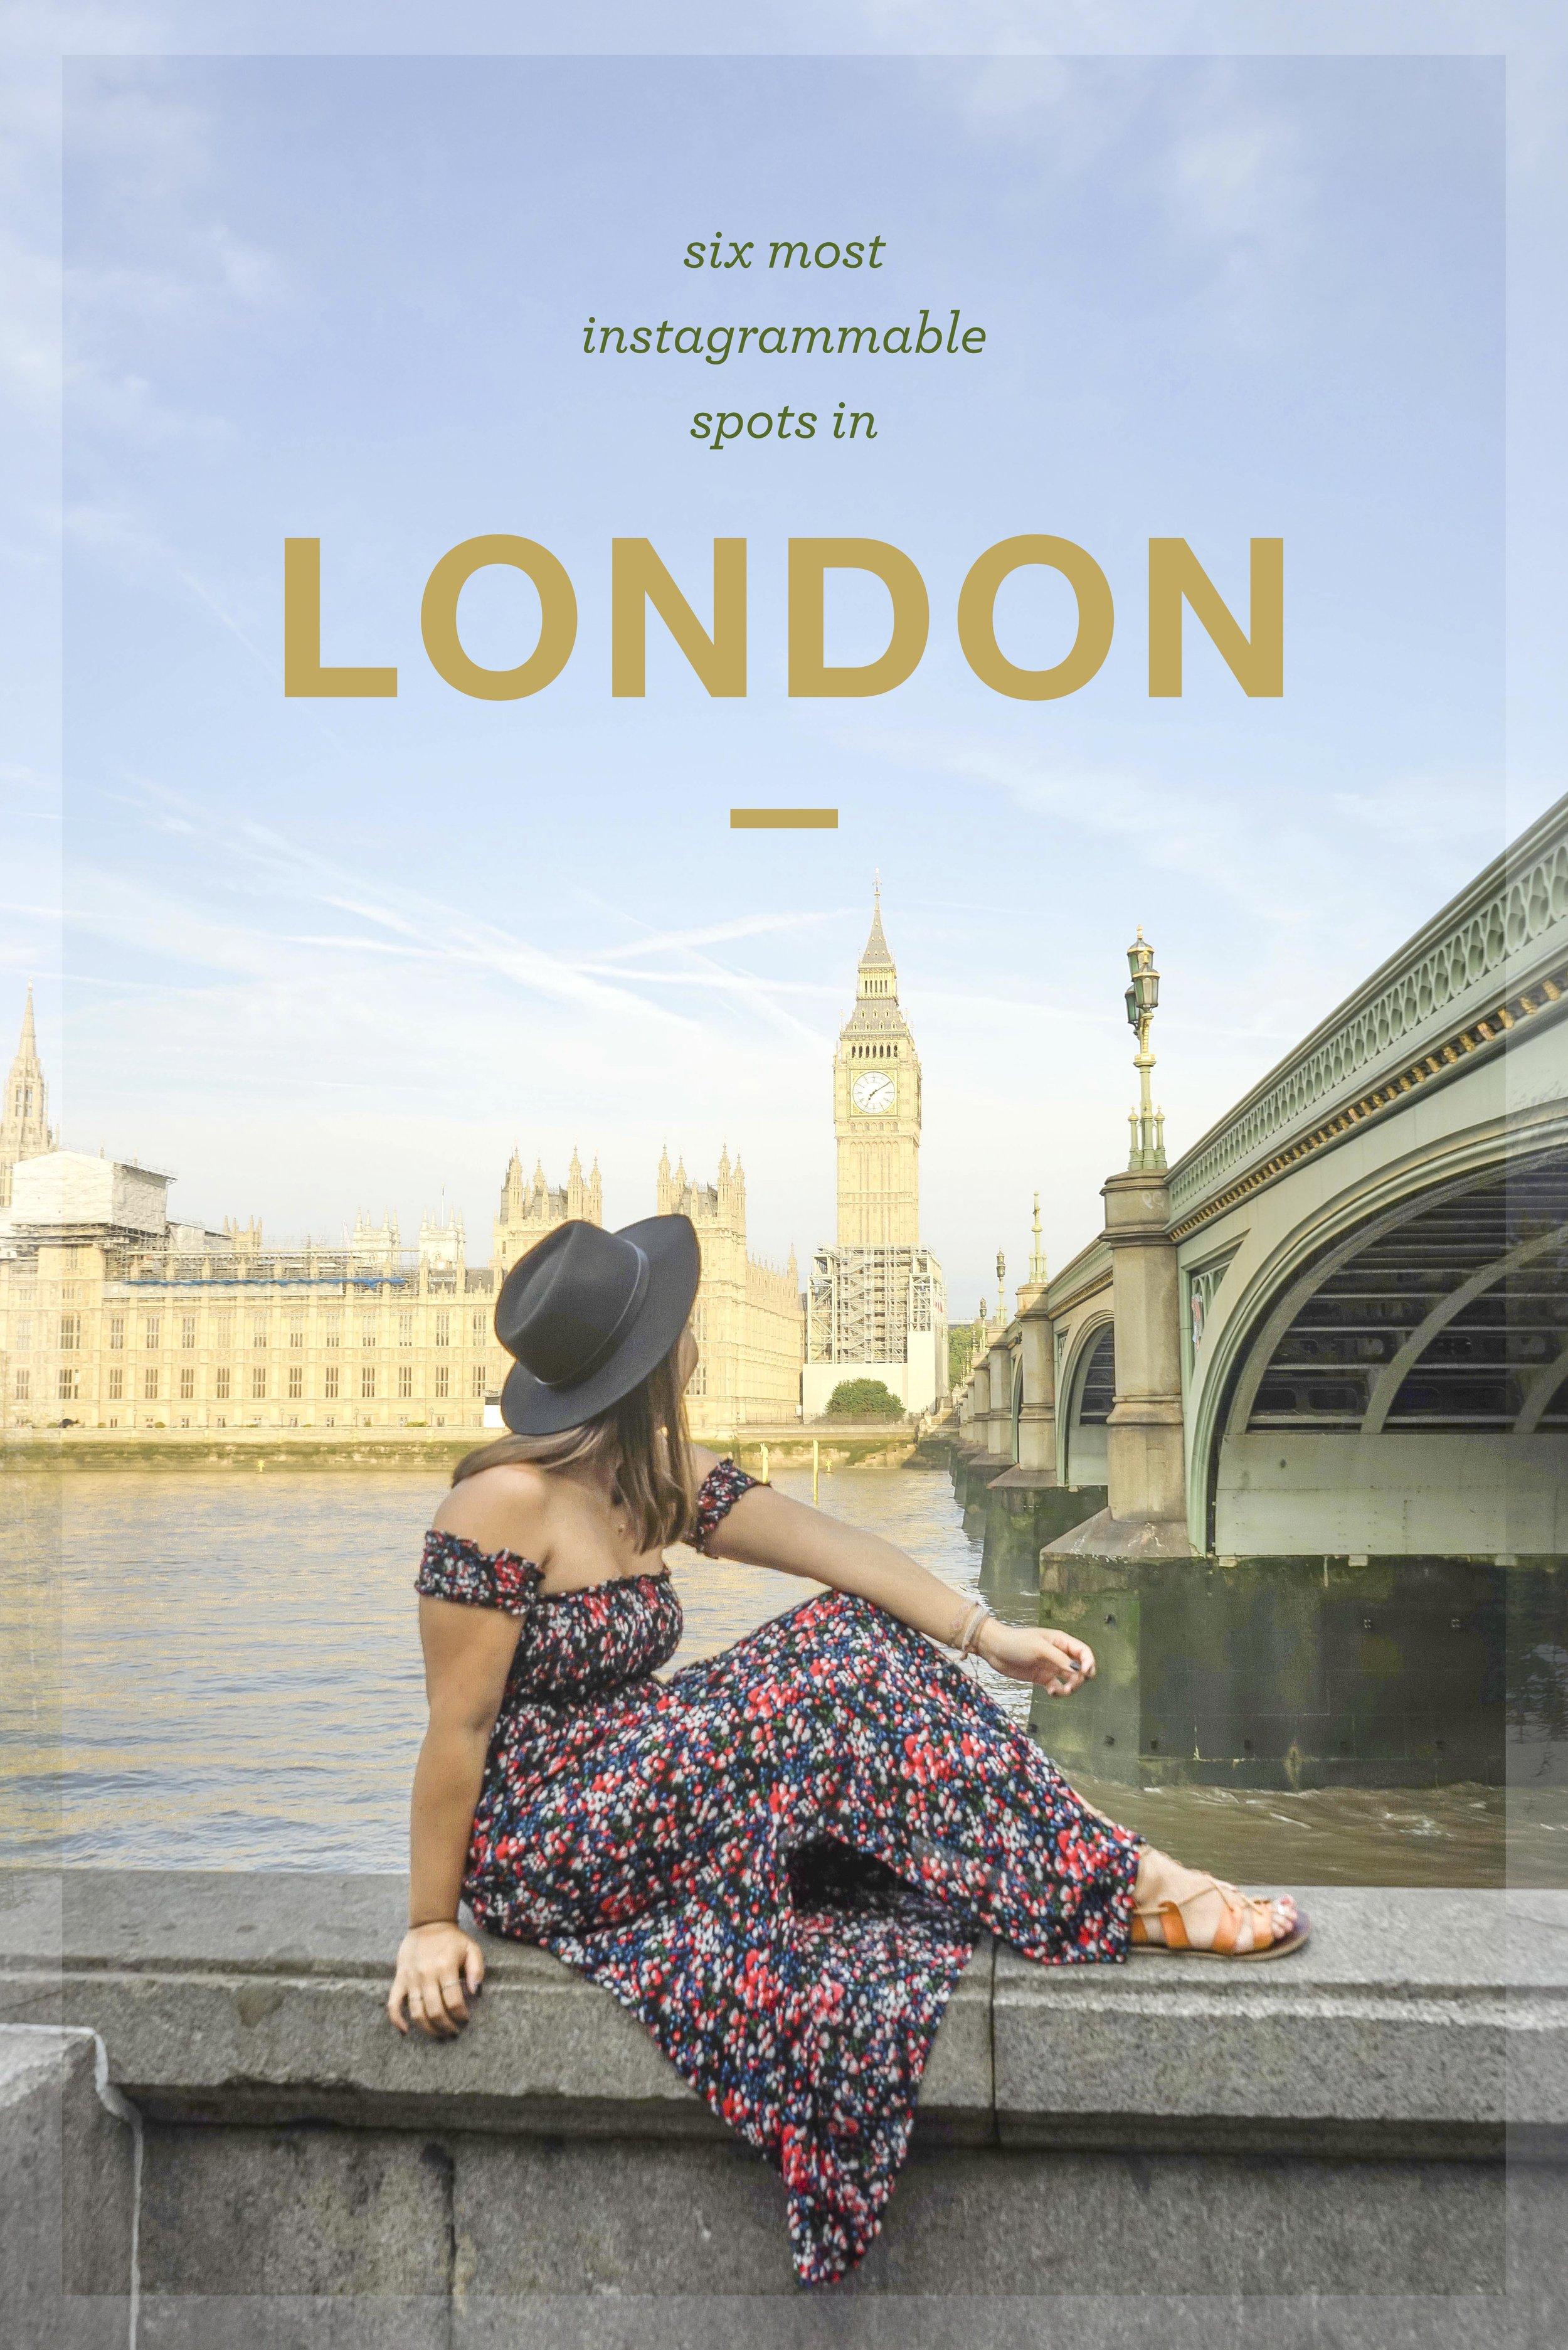 6 most instagrammable spots in London